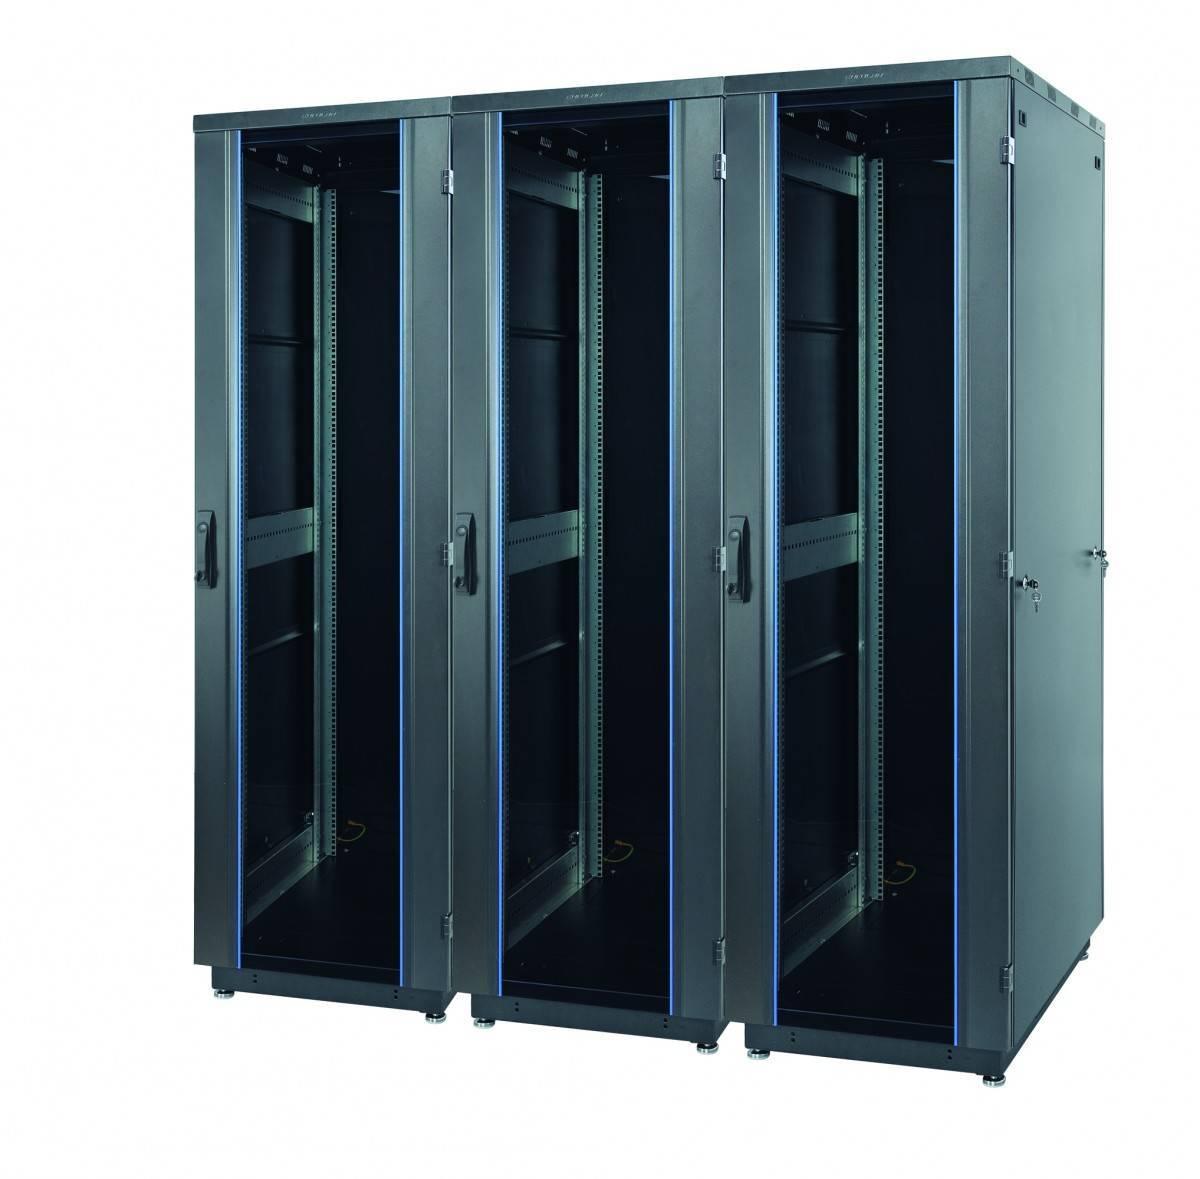 Шкаф телекоммуникационный напольный 19 дюймов Eurolan 60F-22-66-31BL